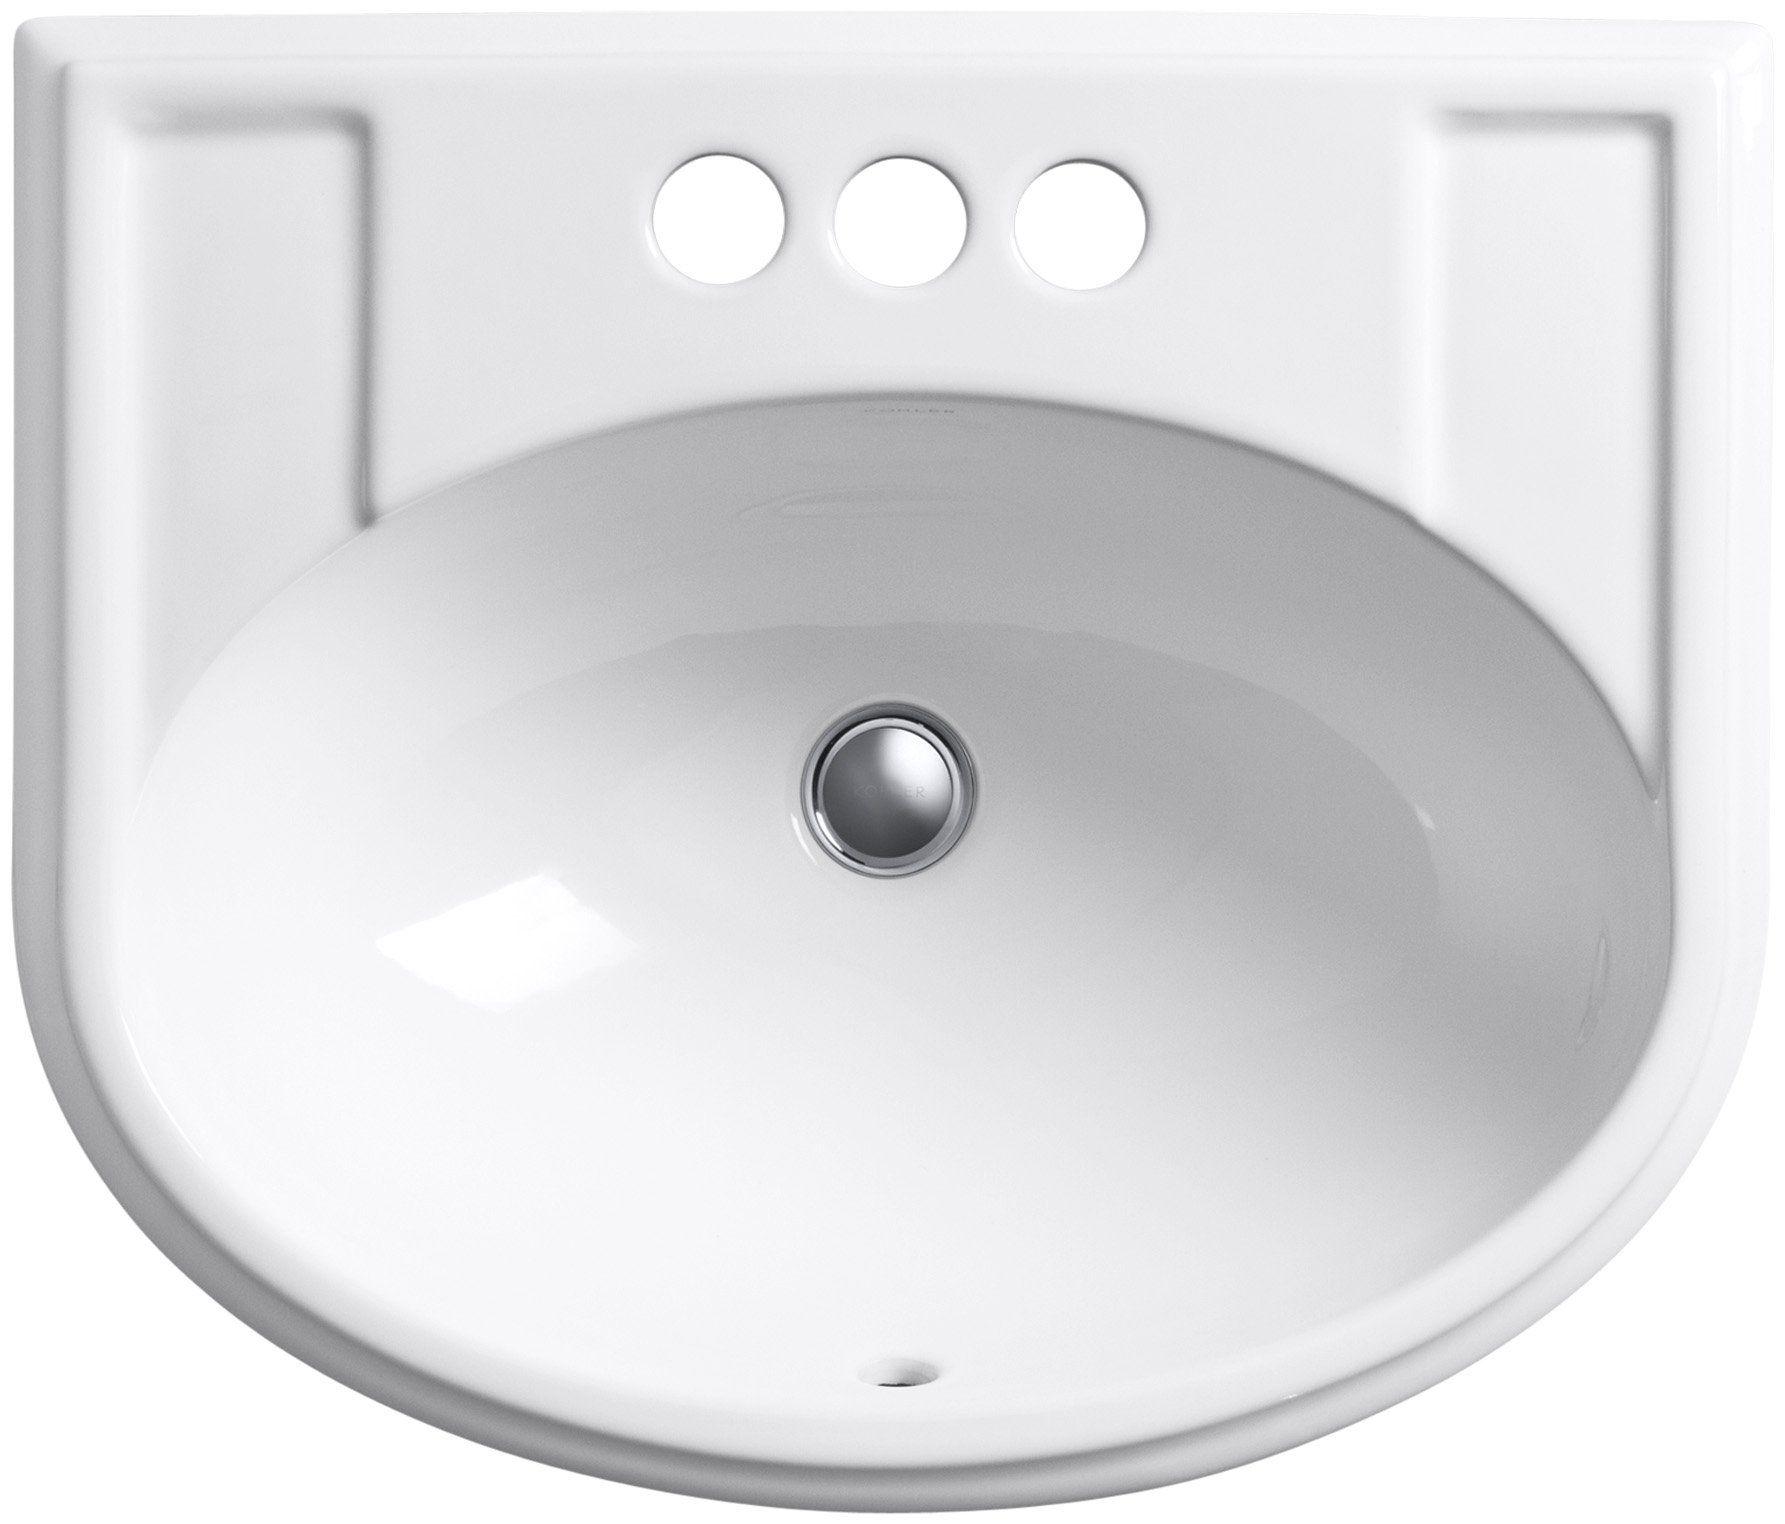 KOHLER K-2279-4-0 Devonshire Self-Rimming Bathroom Sink, White ...